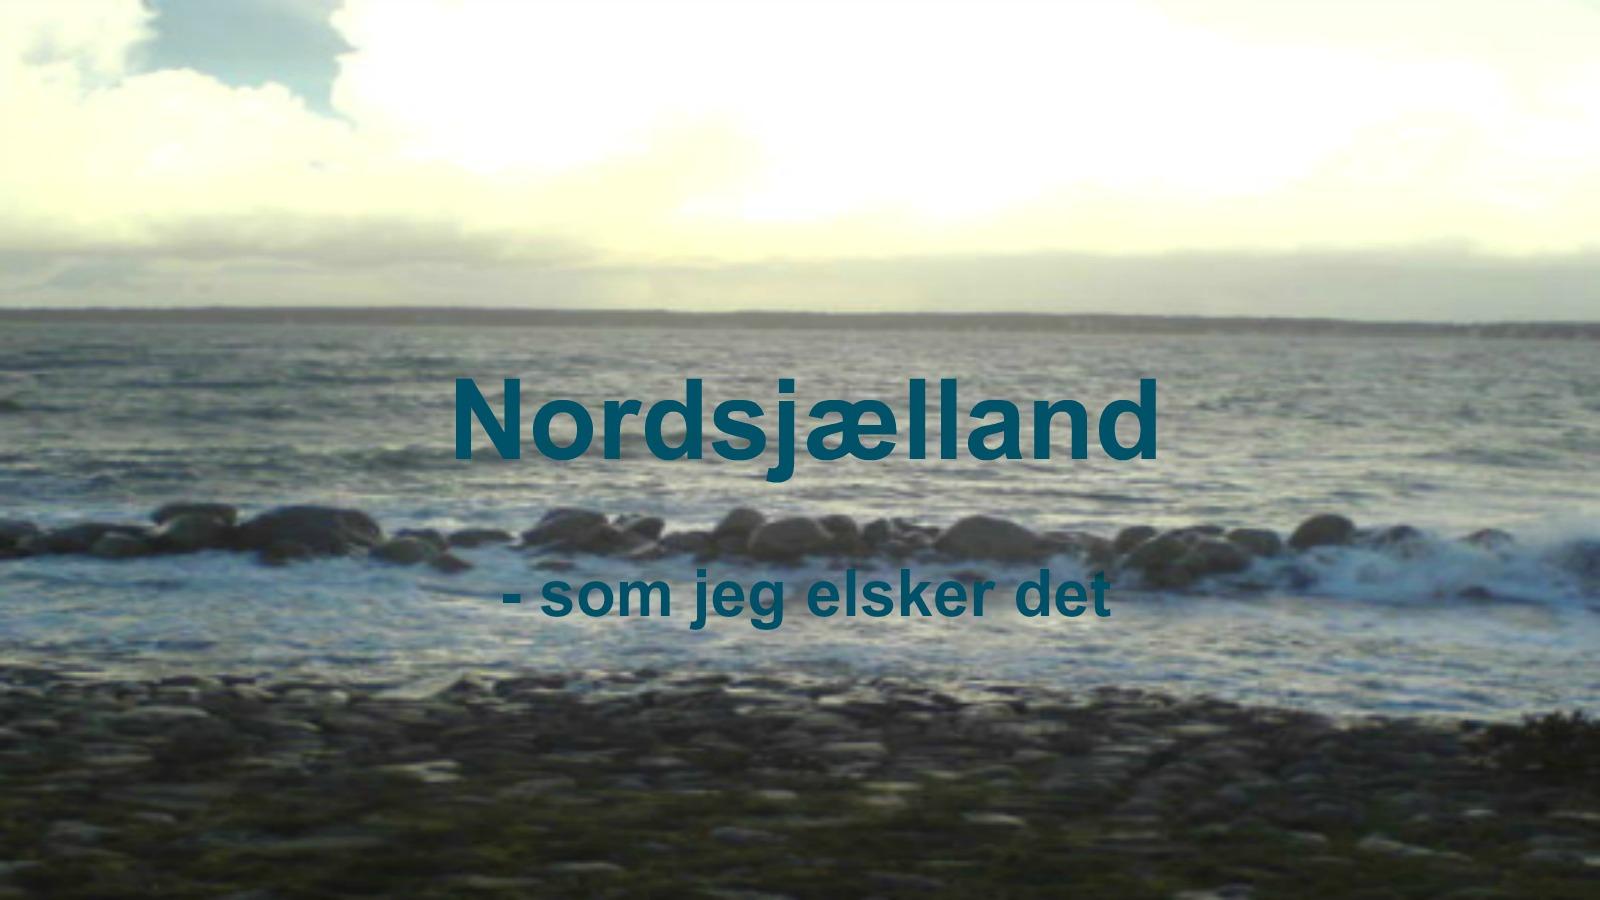 spa og wellness sjælland mennesker teater københavn